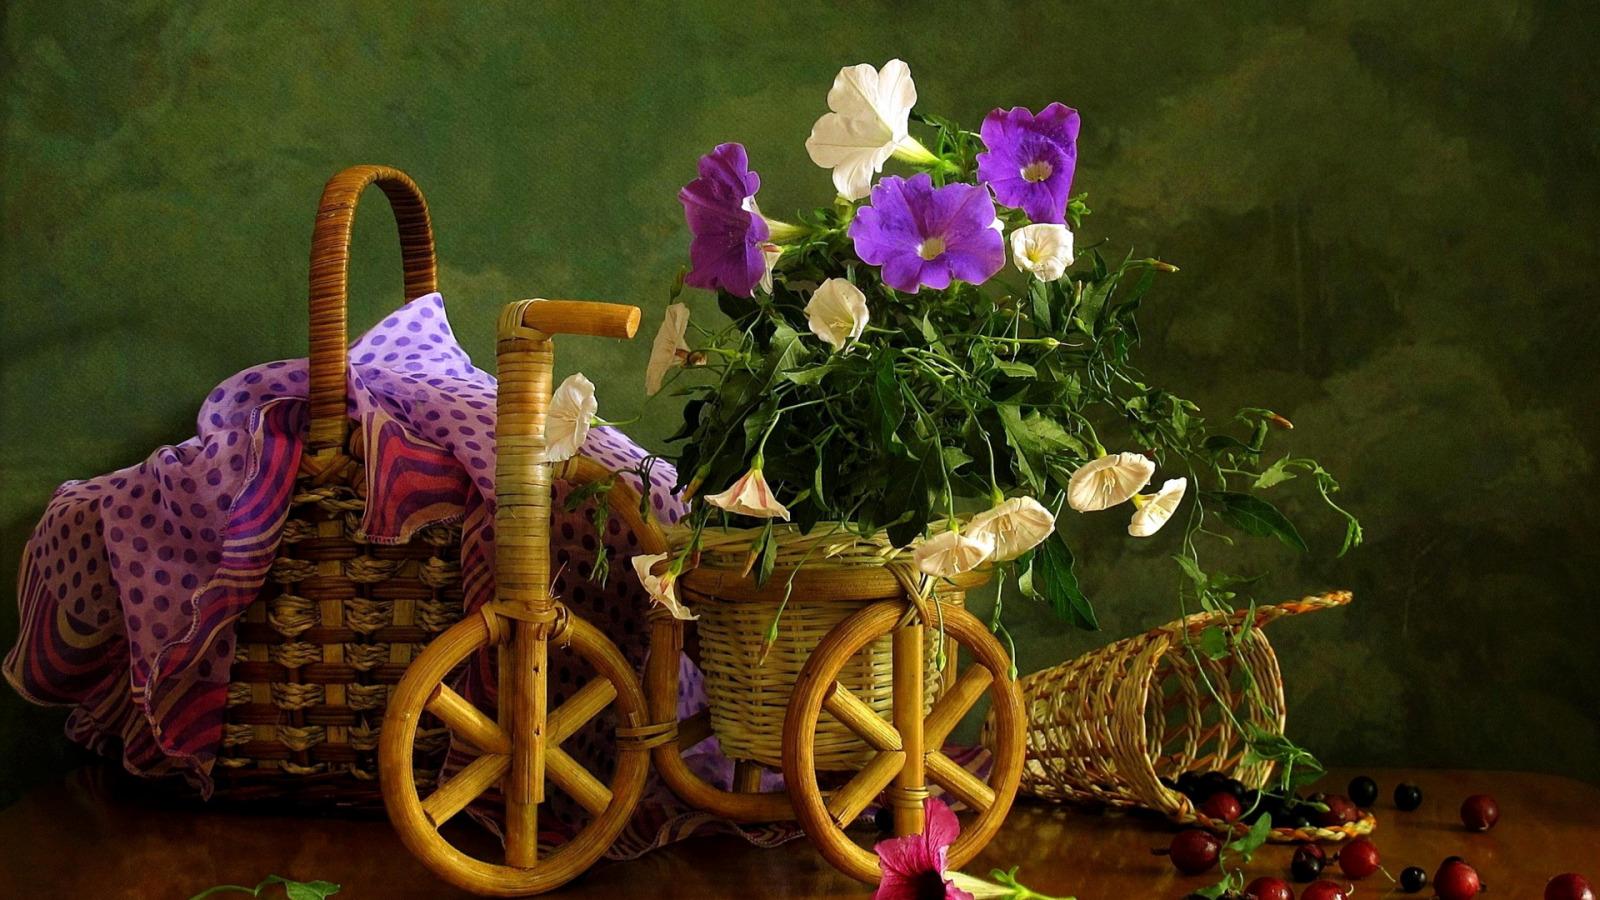 cvety-krasivye-polevye.jpg?d=1